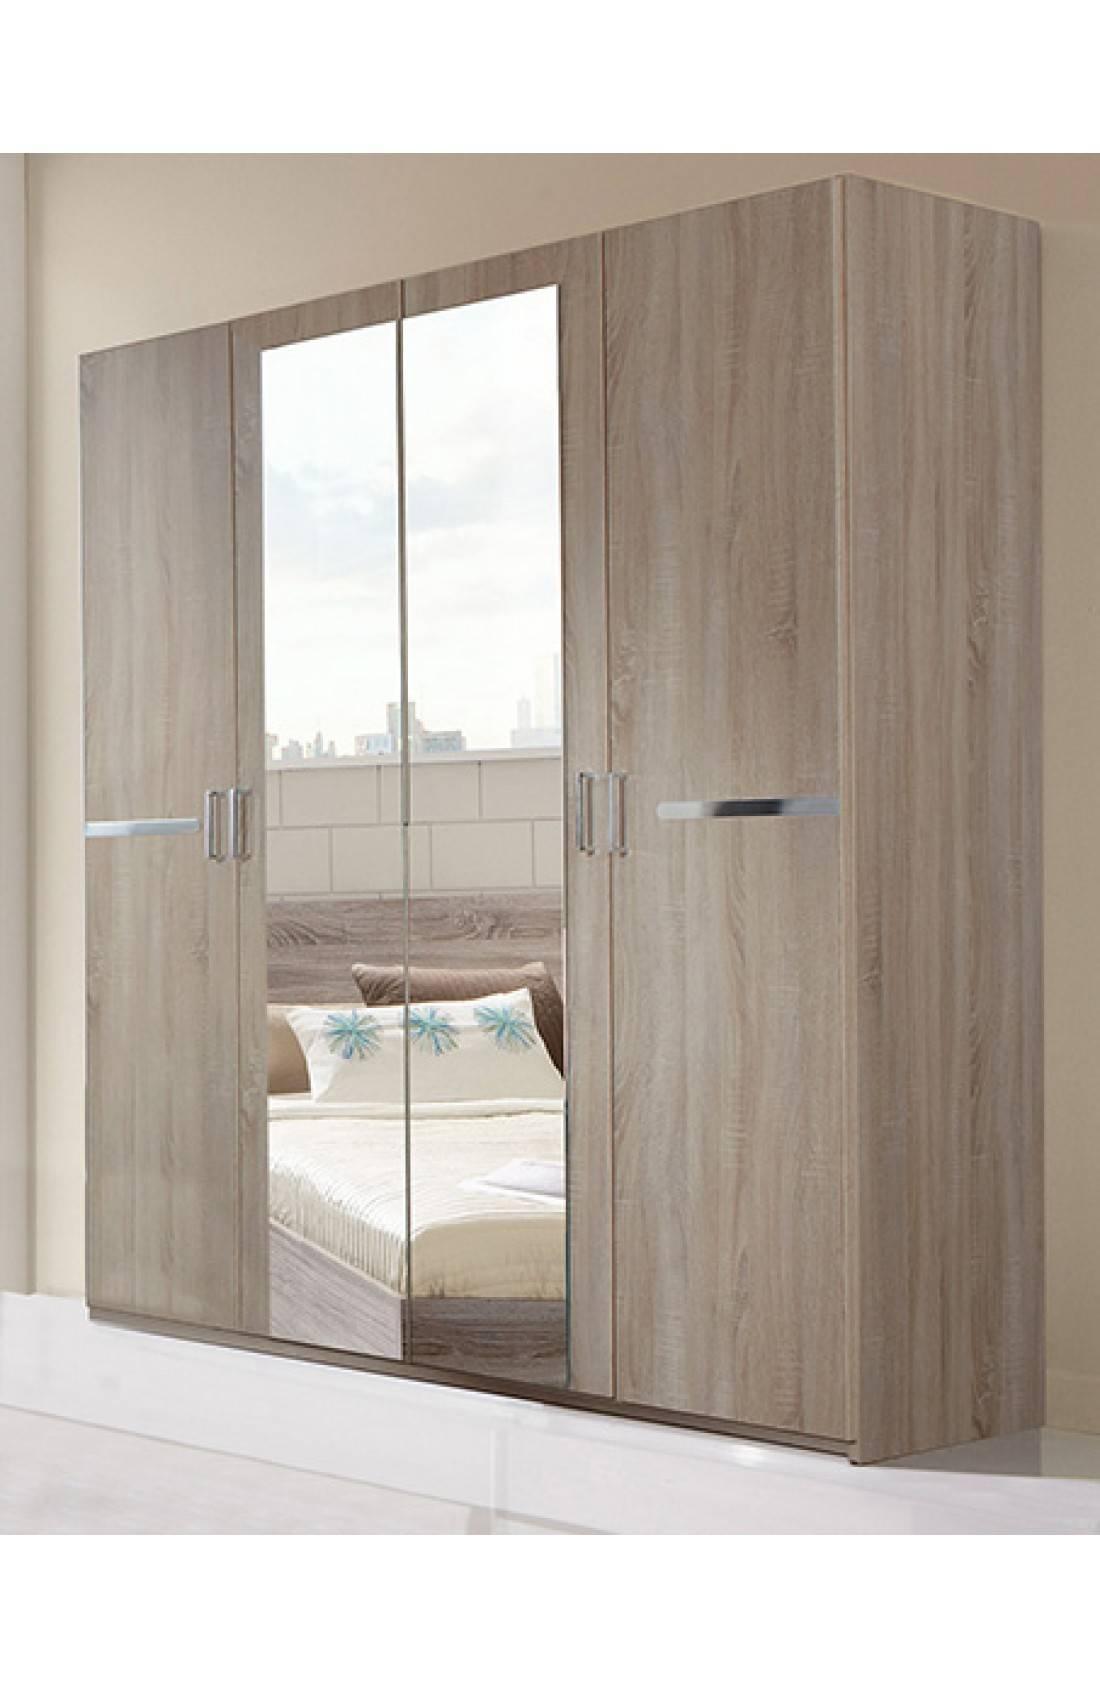 Slumberhaus 'anna' Modern Light Oak 180Cm 4 Door Wardrobe for Wardrobes With 4 Doors (Image 15 of 15)